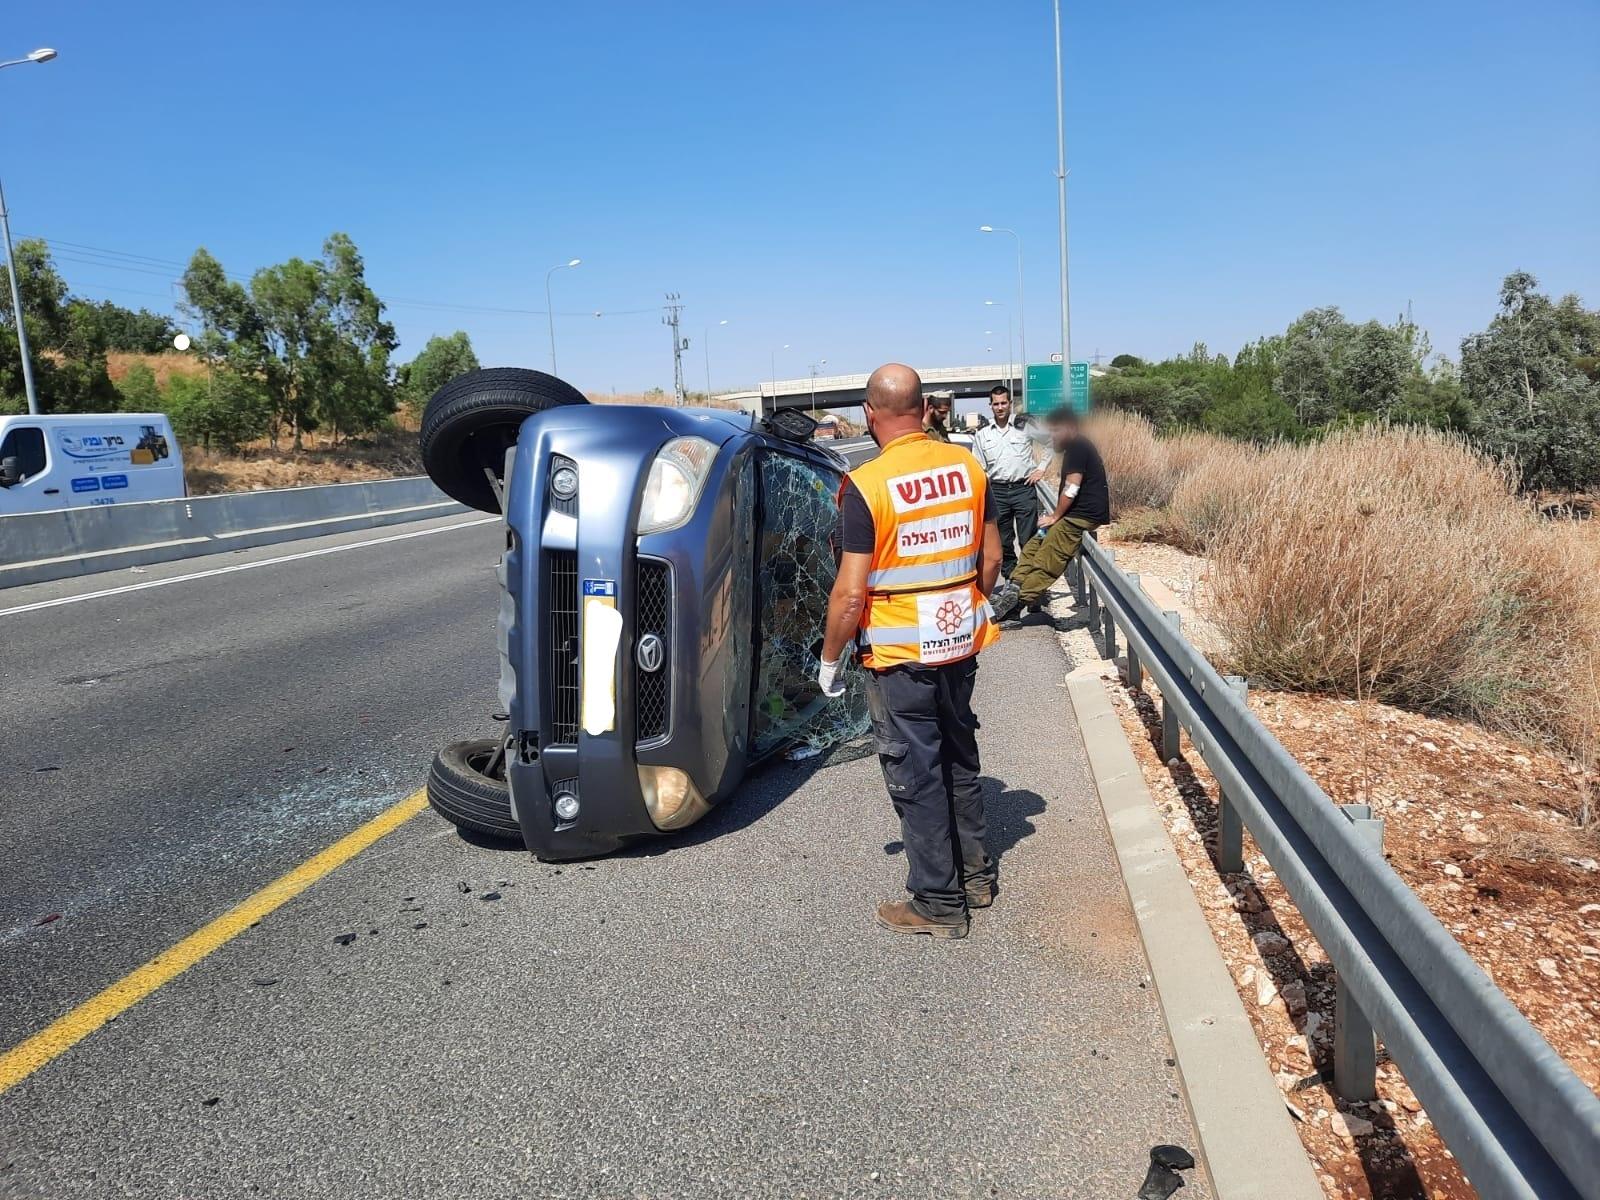 צעיר בן 29 שנפצע קל כתוצאה מהתהפכות רכבו בכביש 85 סמוך לצומת עמיעד